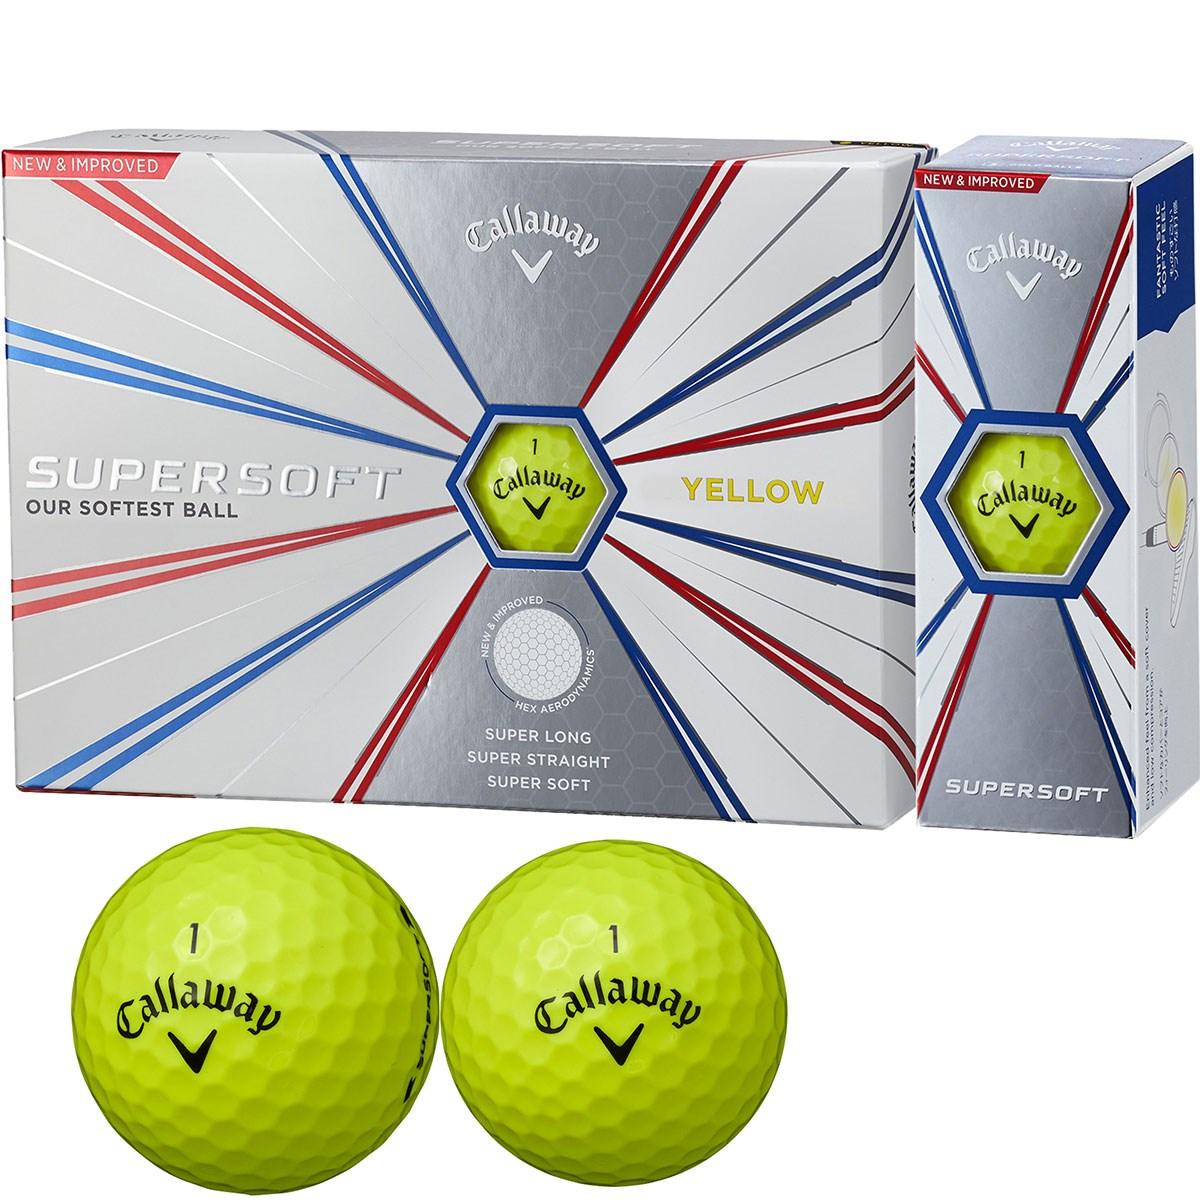 キャロウェイゴルフ SUPERSOFT SUPERSOFT 19 ボール 3ダースセット 3ダース(36個入り) イエロー